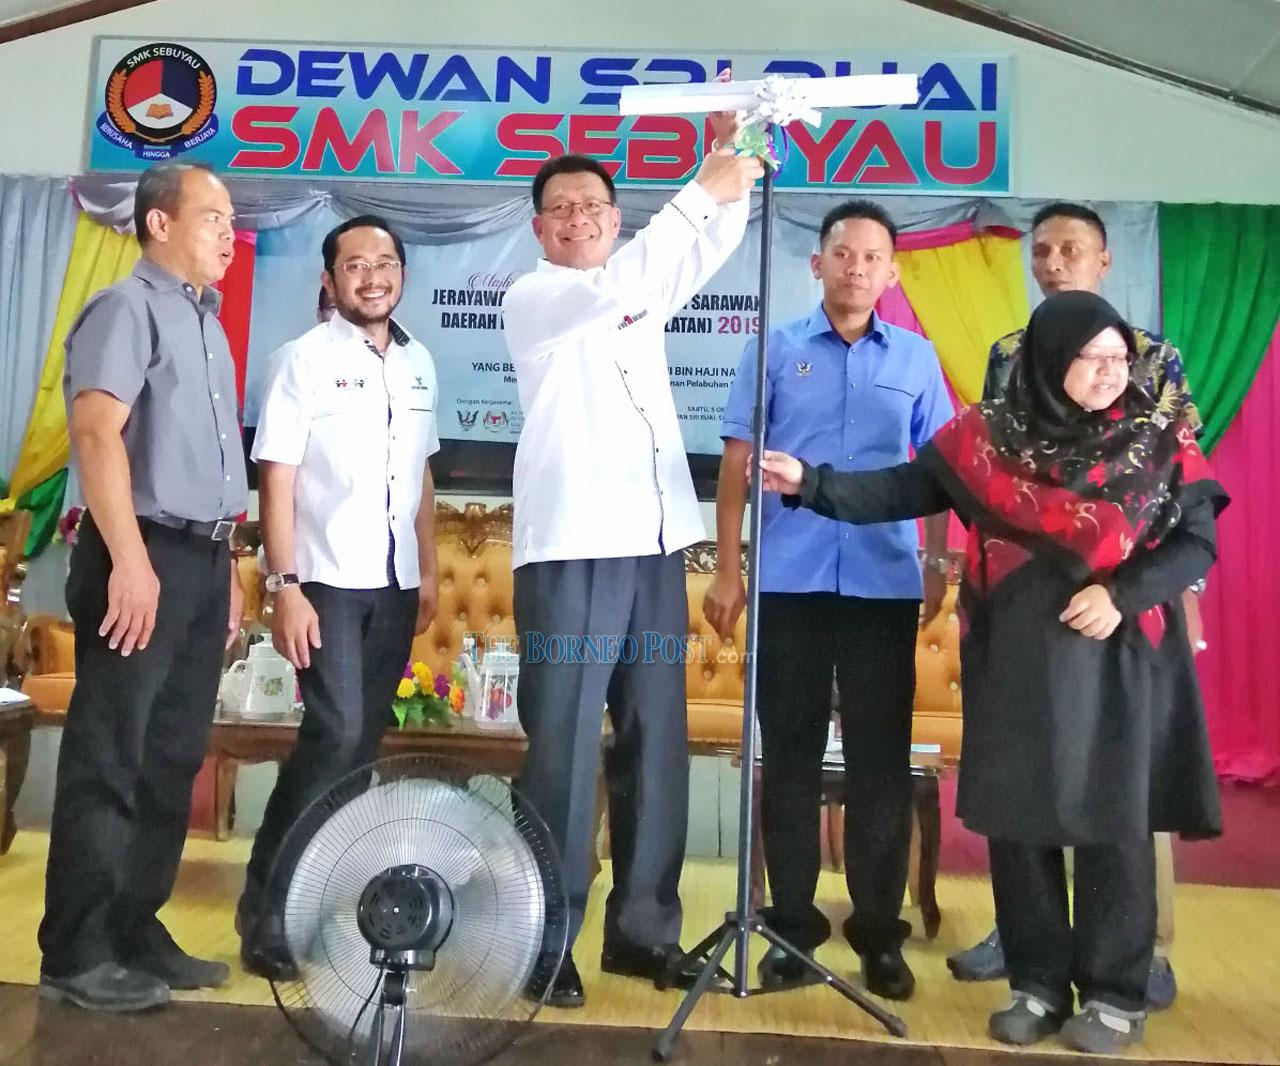 Still no news about SMK Sebuyau project, despite prior approval under 11MP